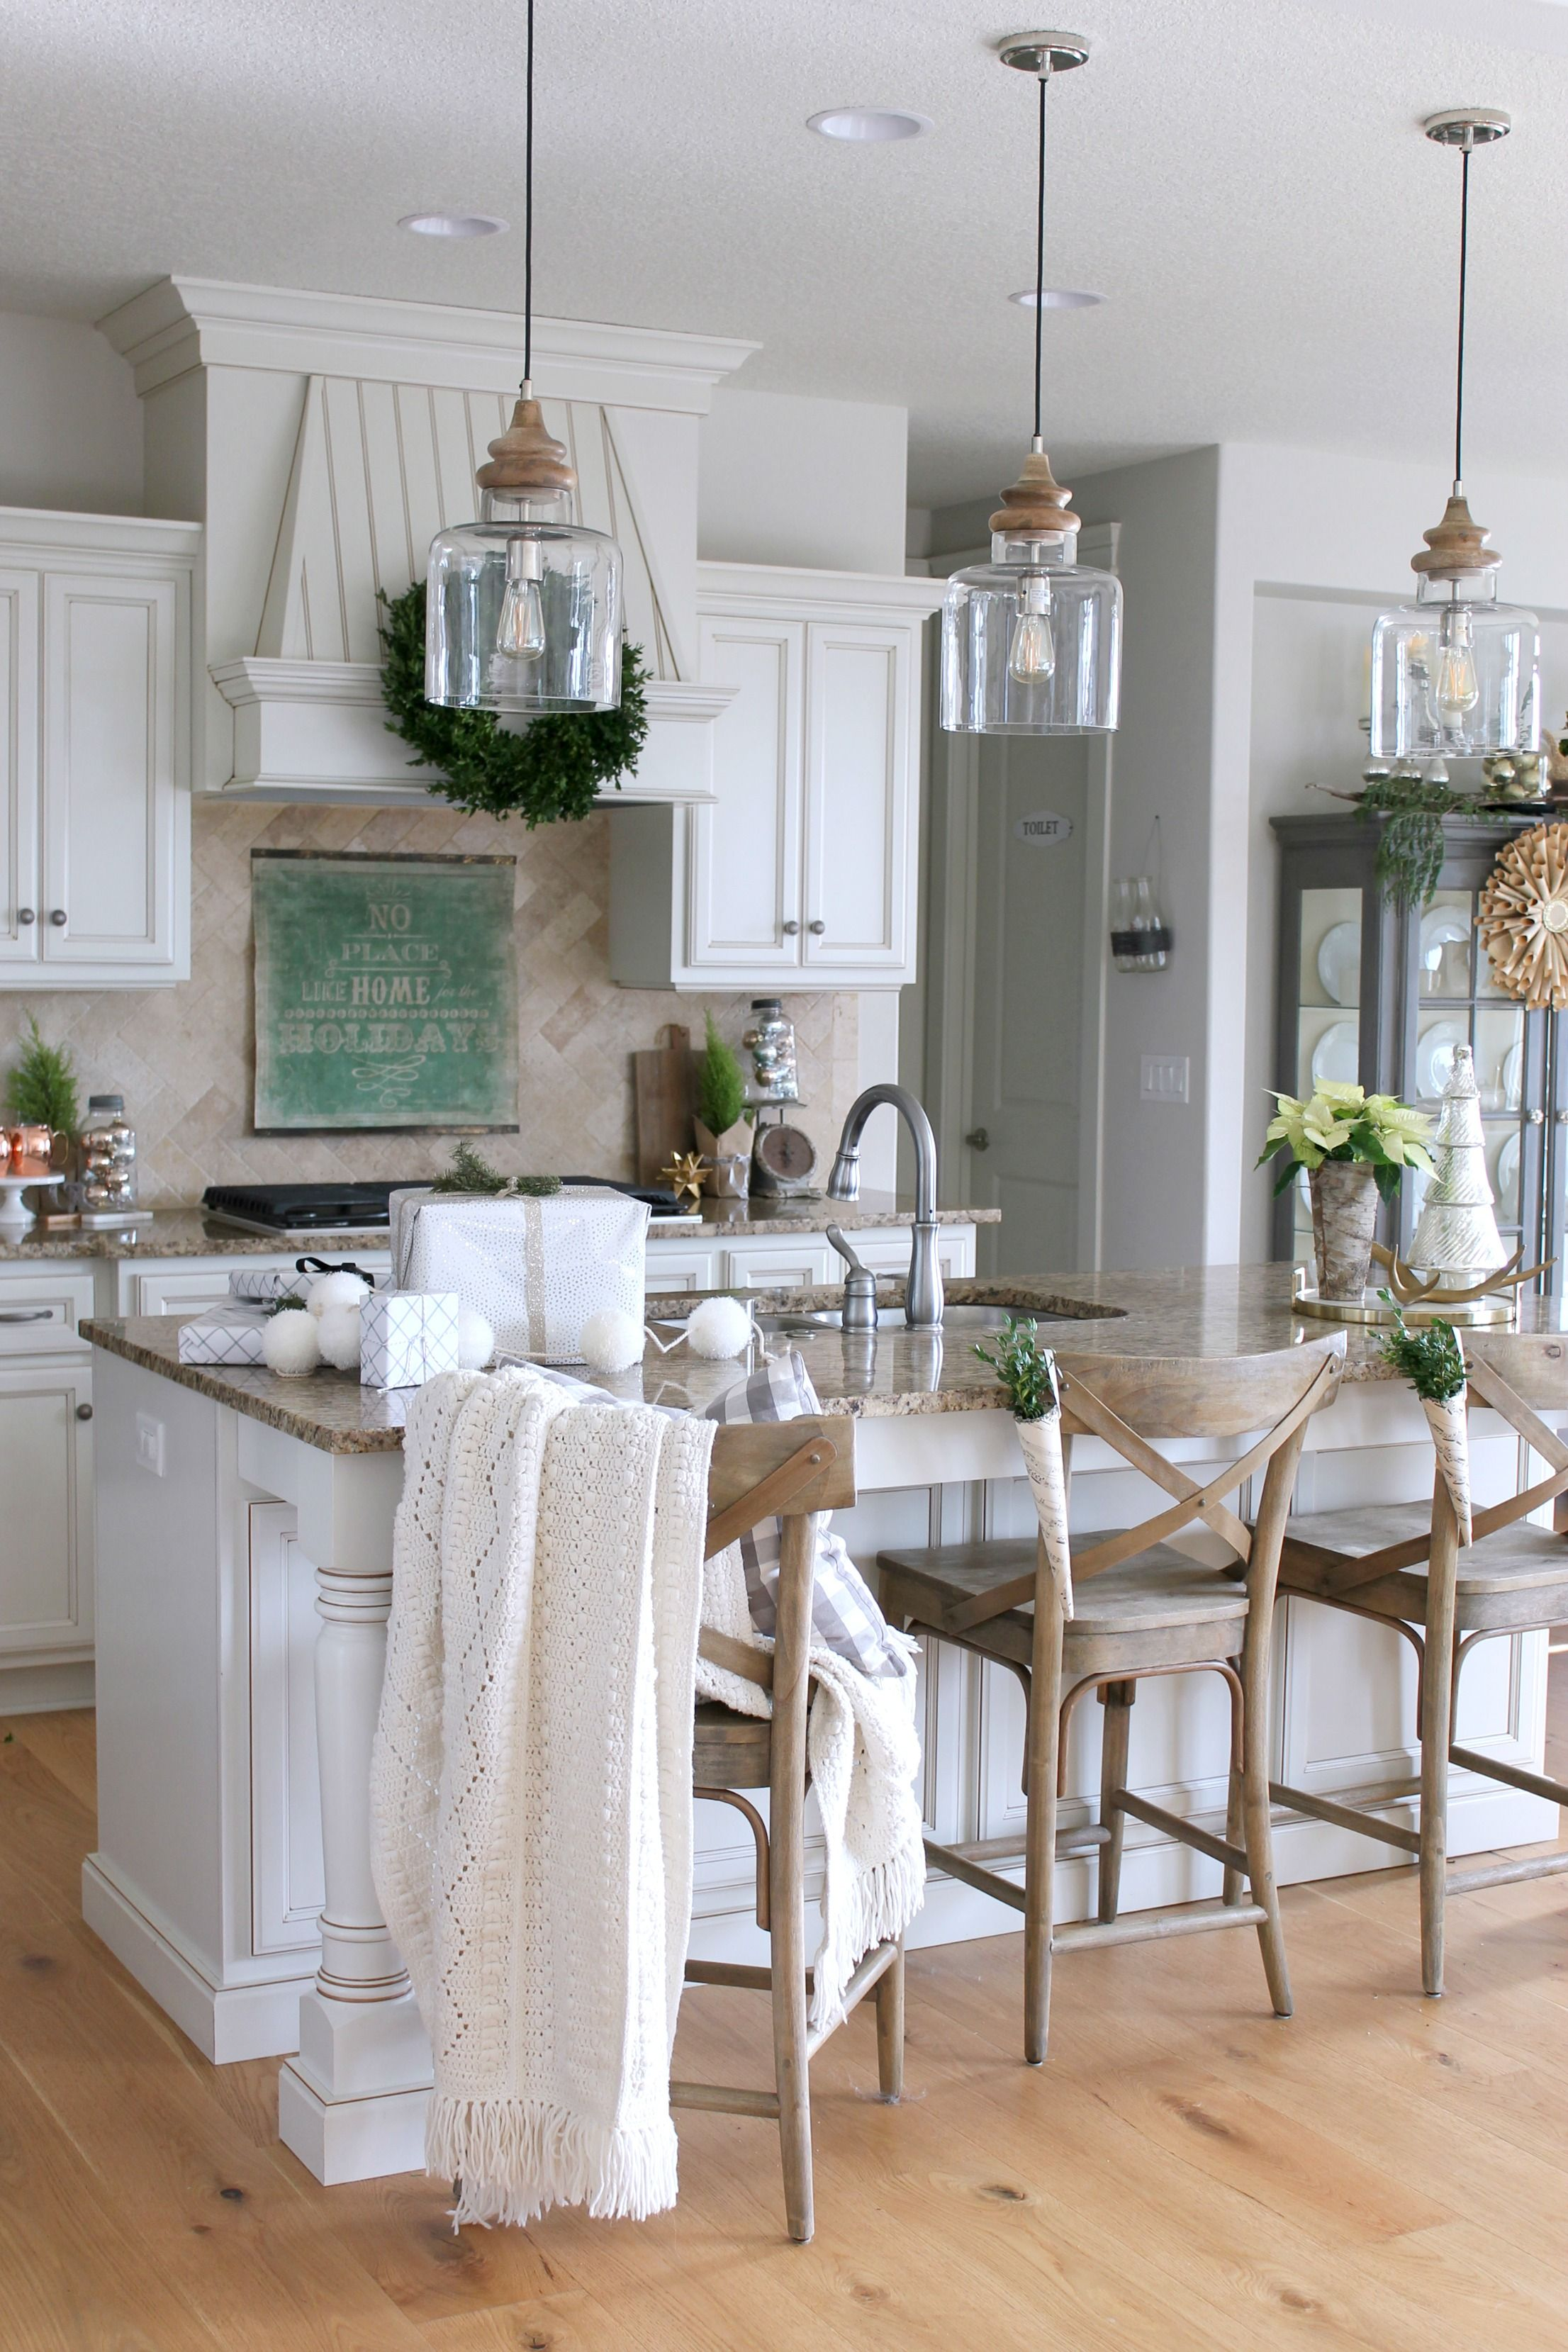 New farmhouse style island pendant lights bucătărie și idei